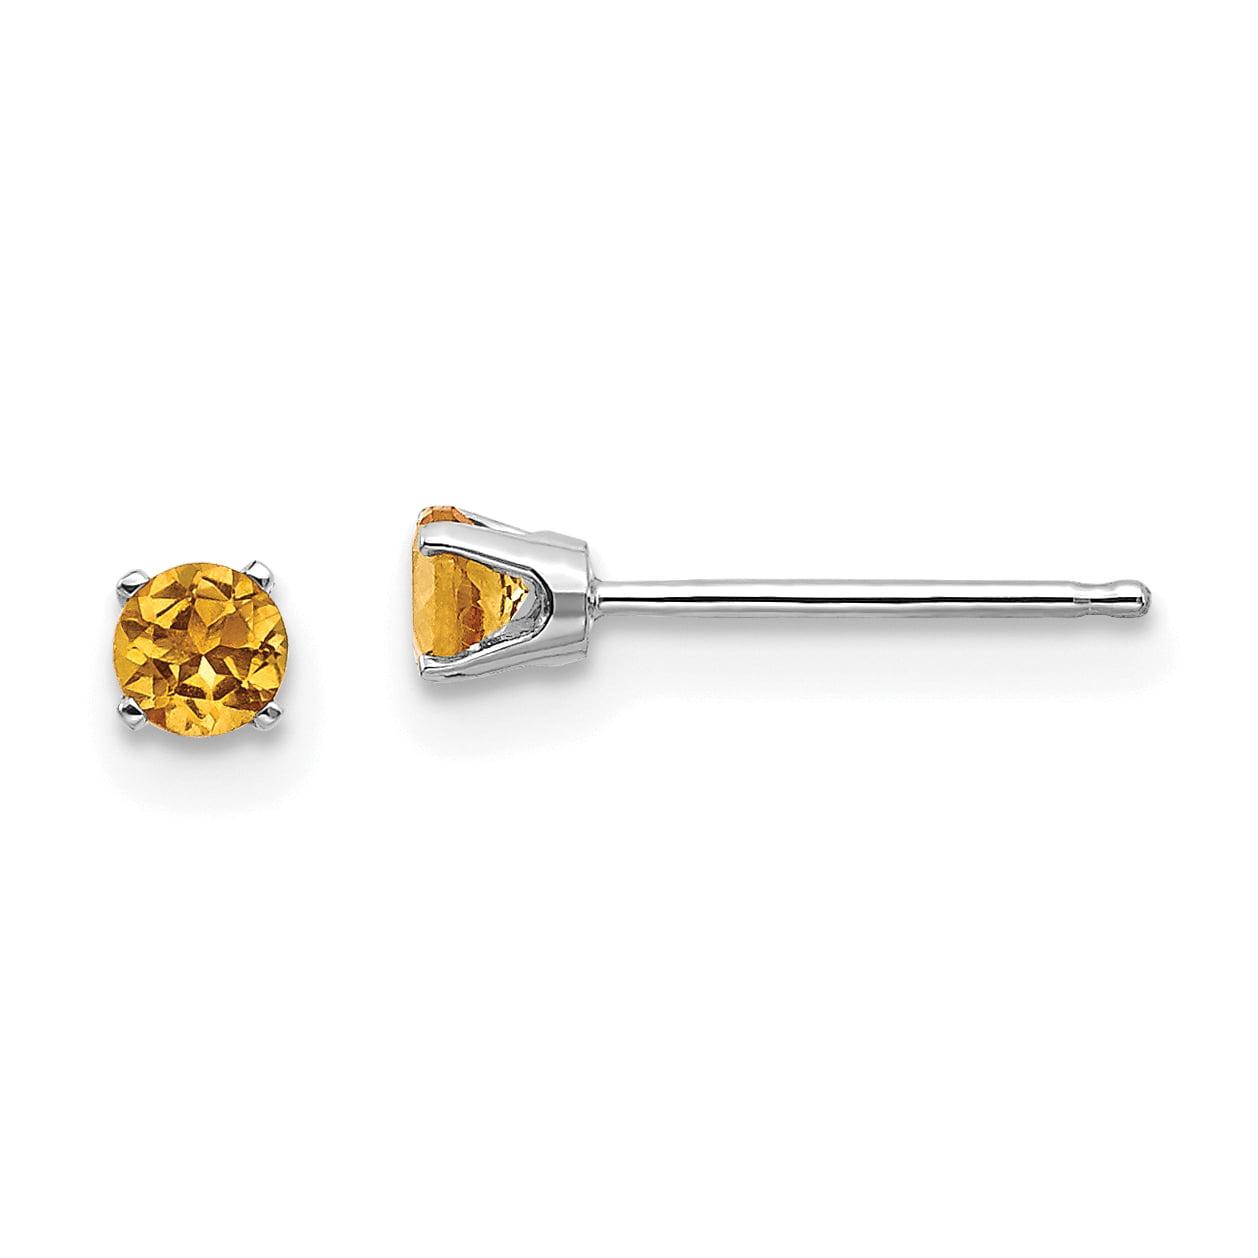 14K White Gold 3mm Citrine Stud Earrings - image 2 of 2